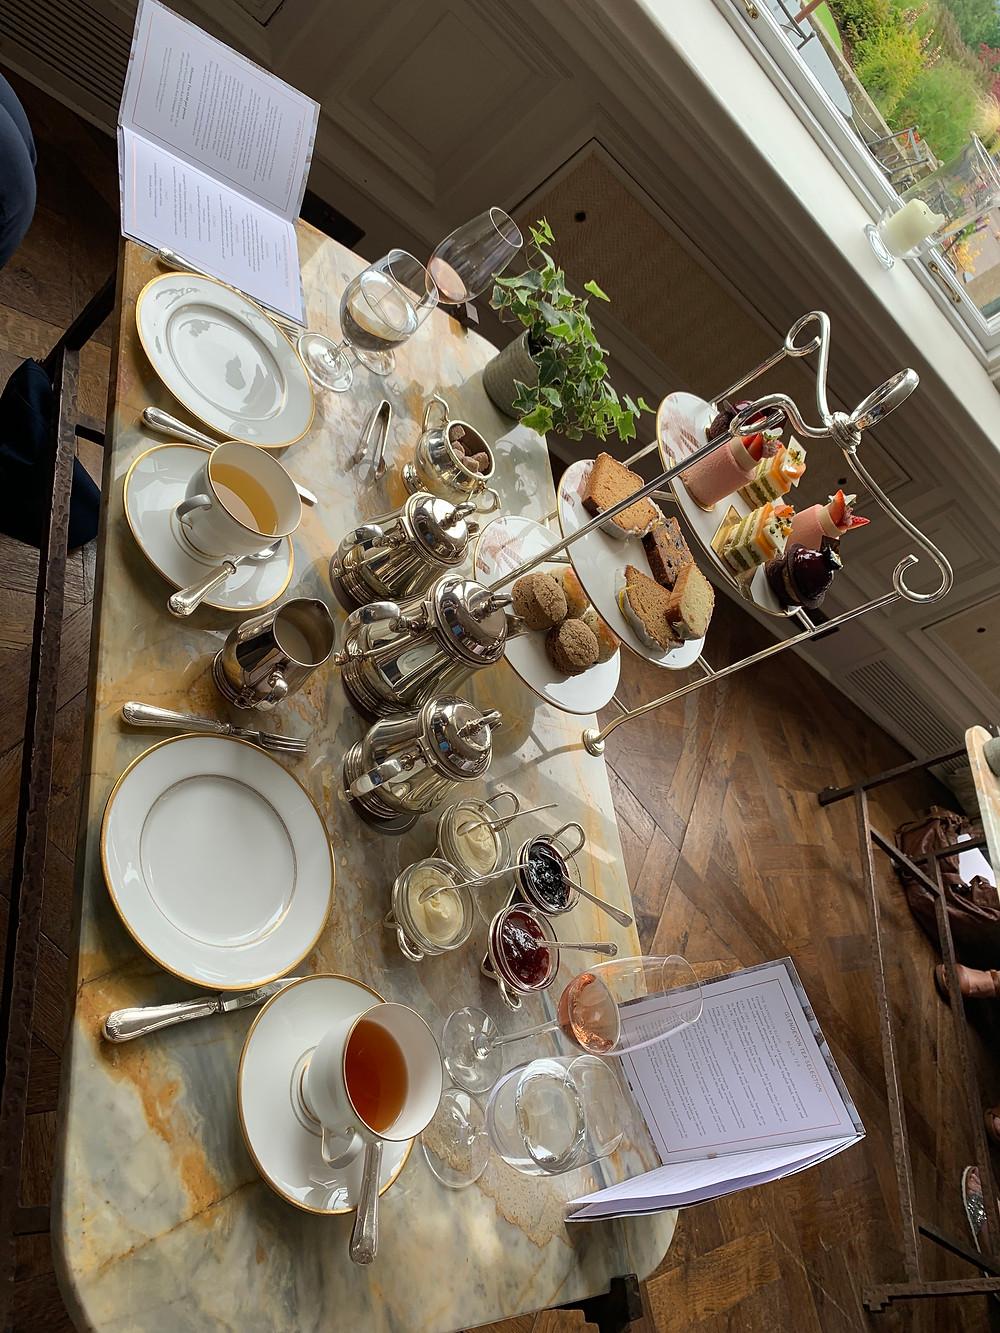 Afternoon tea at Glen Eagles